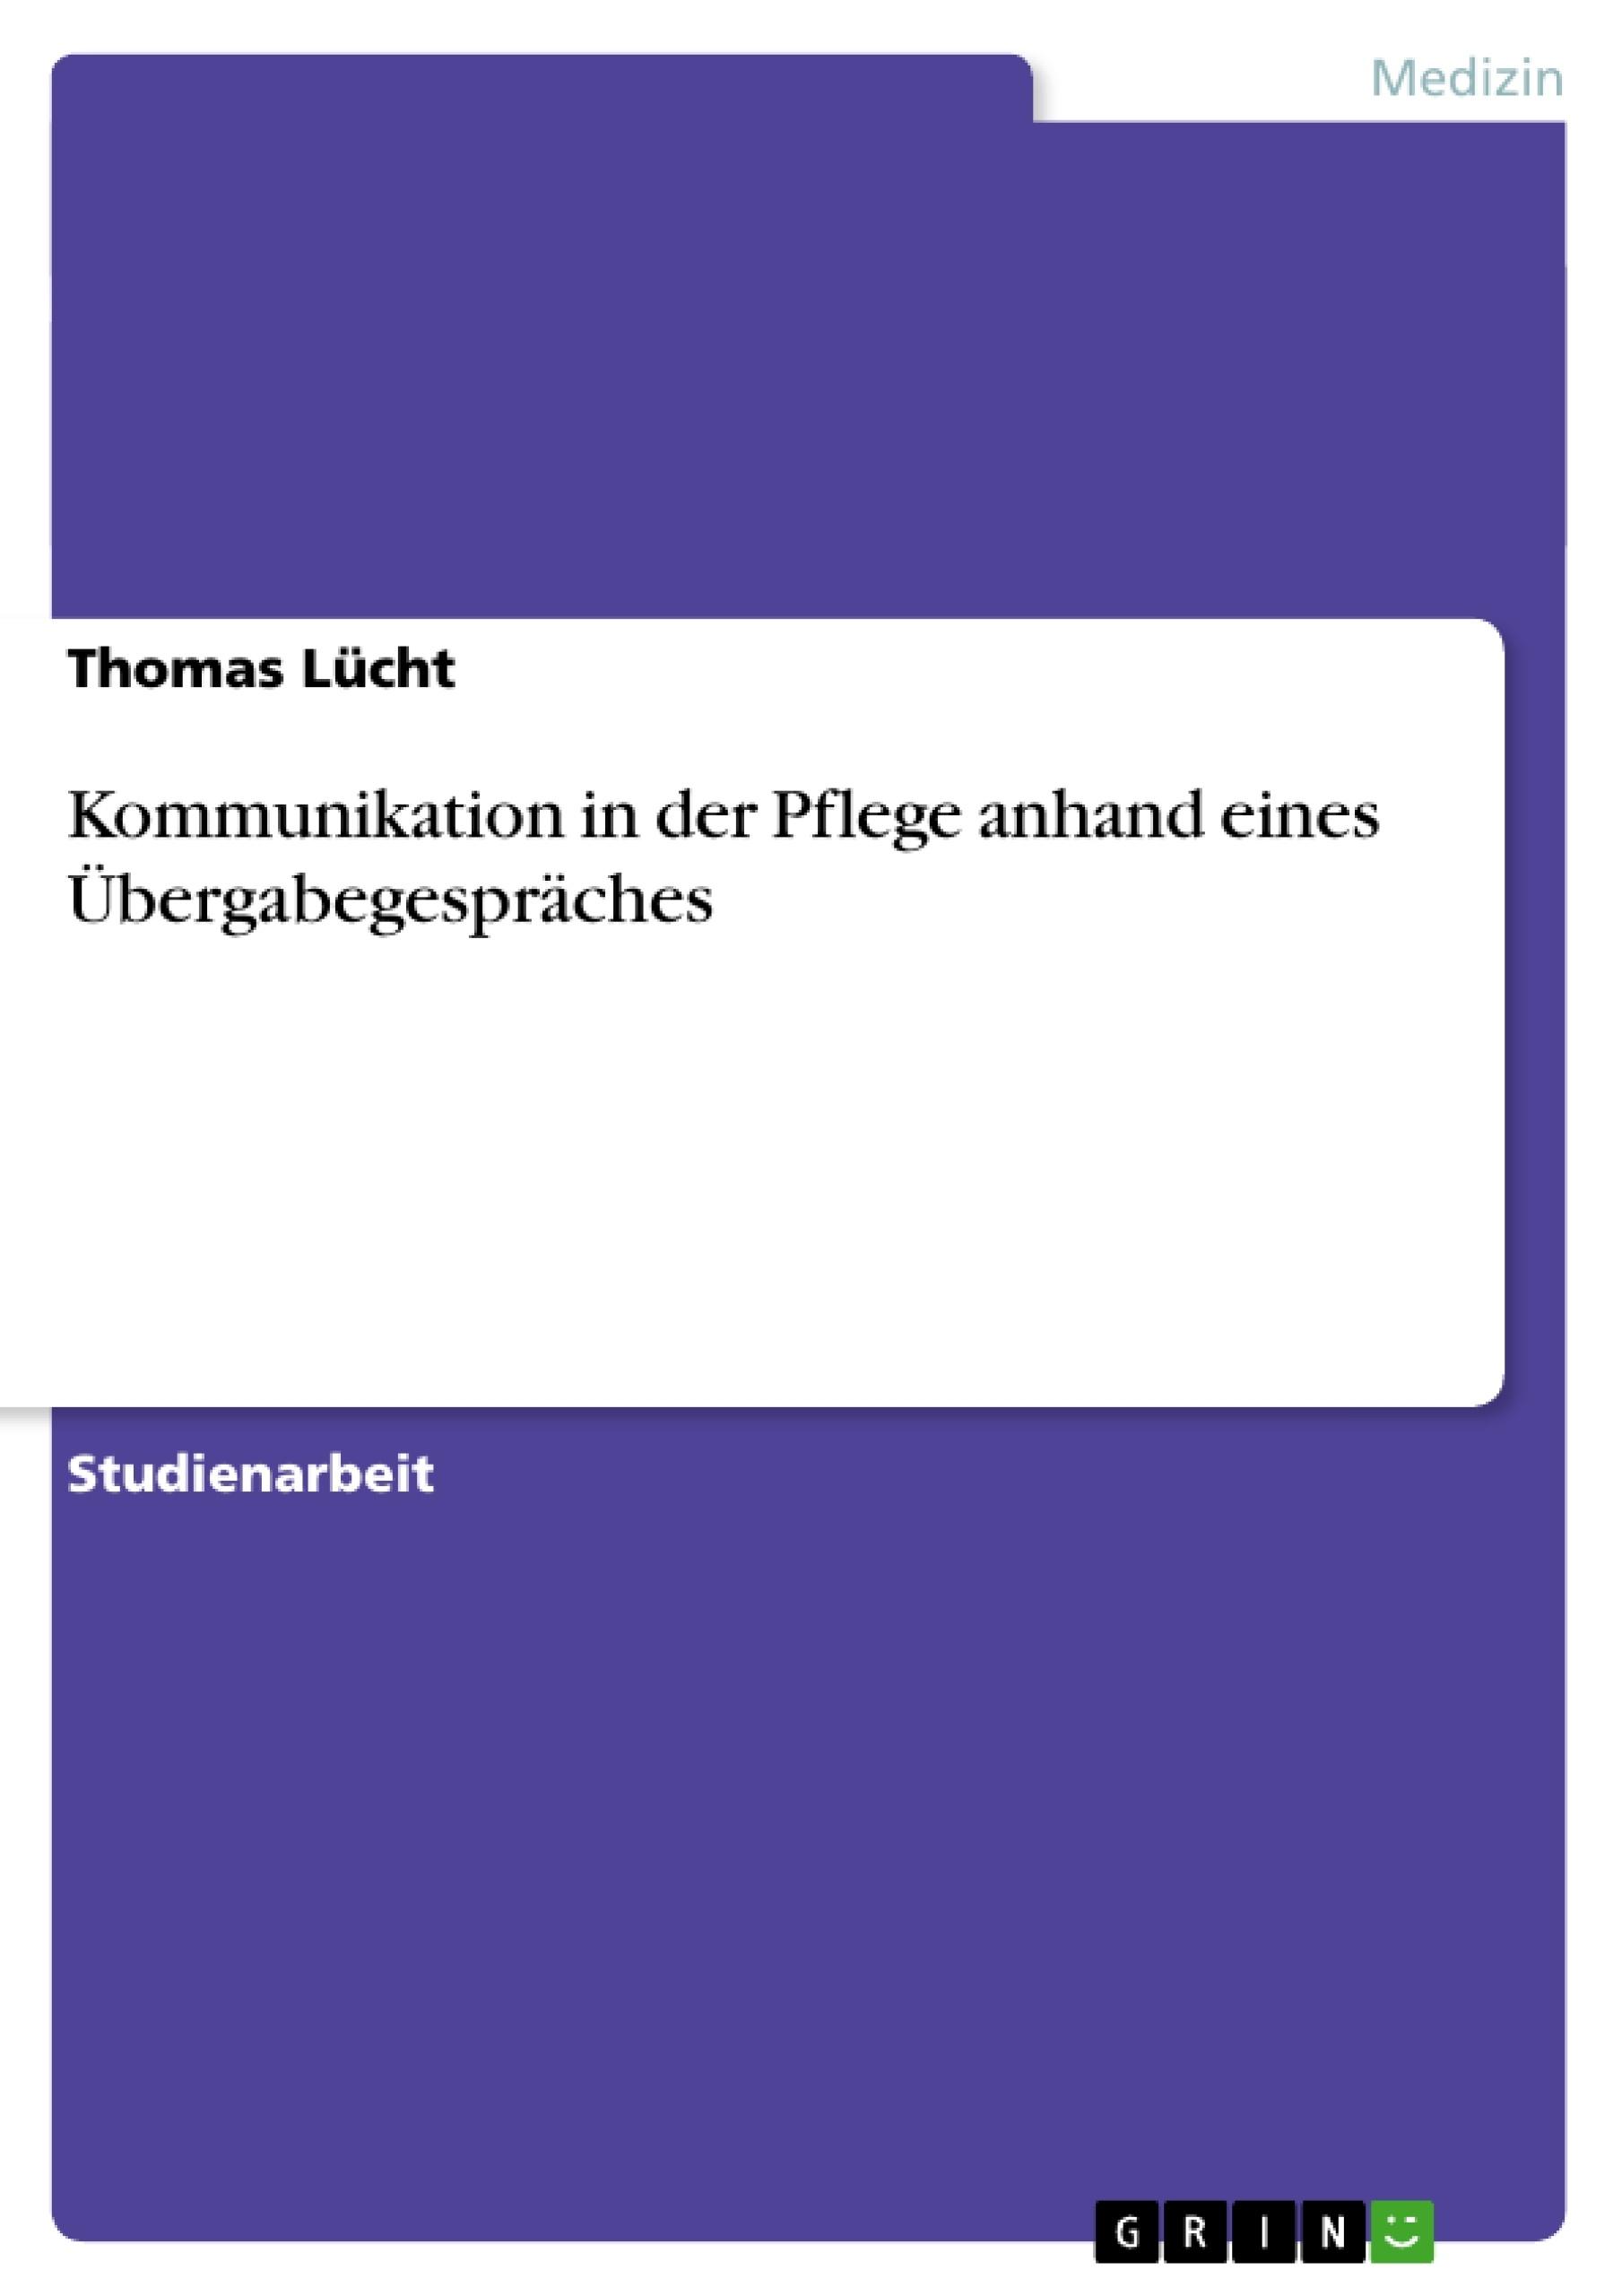 Titel: Kommunikation in der Pflege anhand eines Übergabegespräches